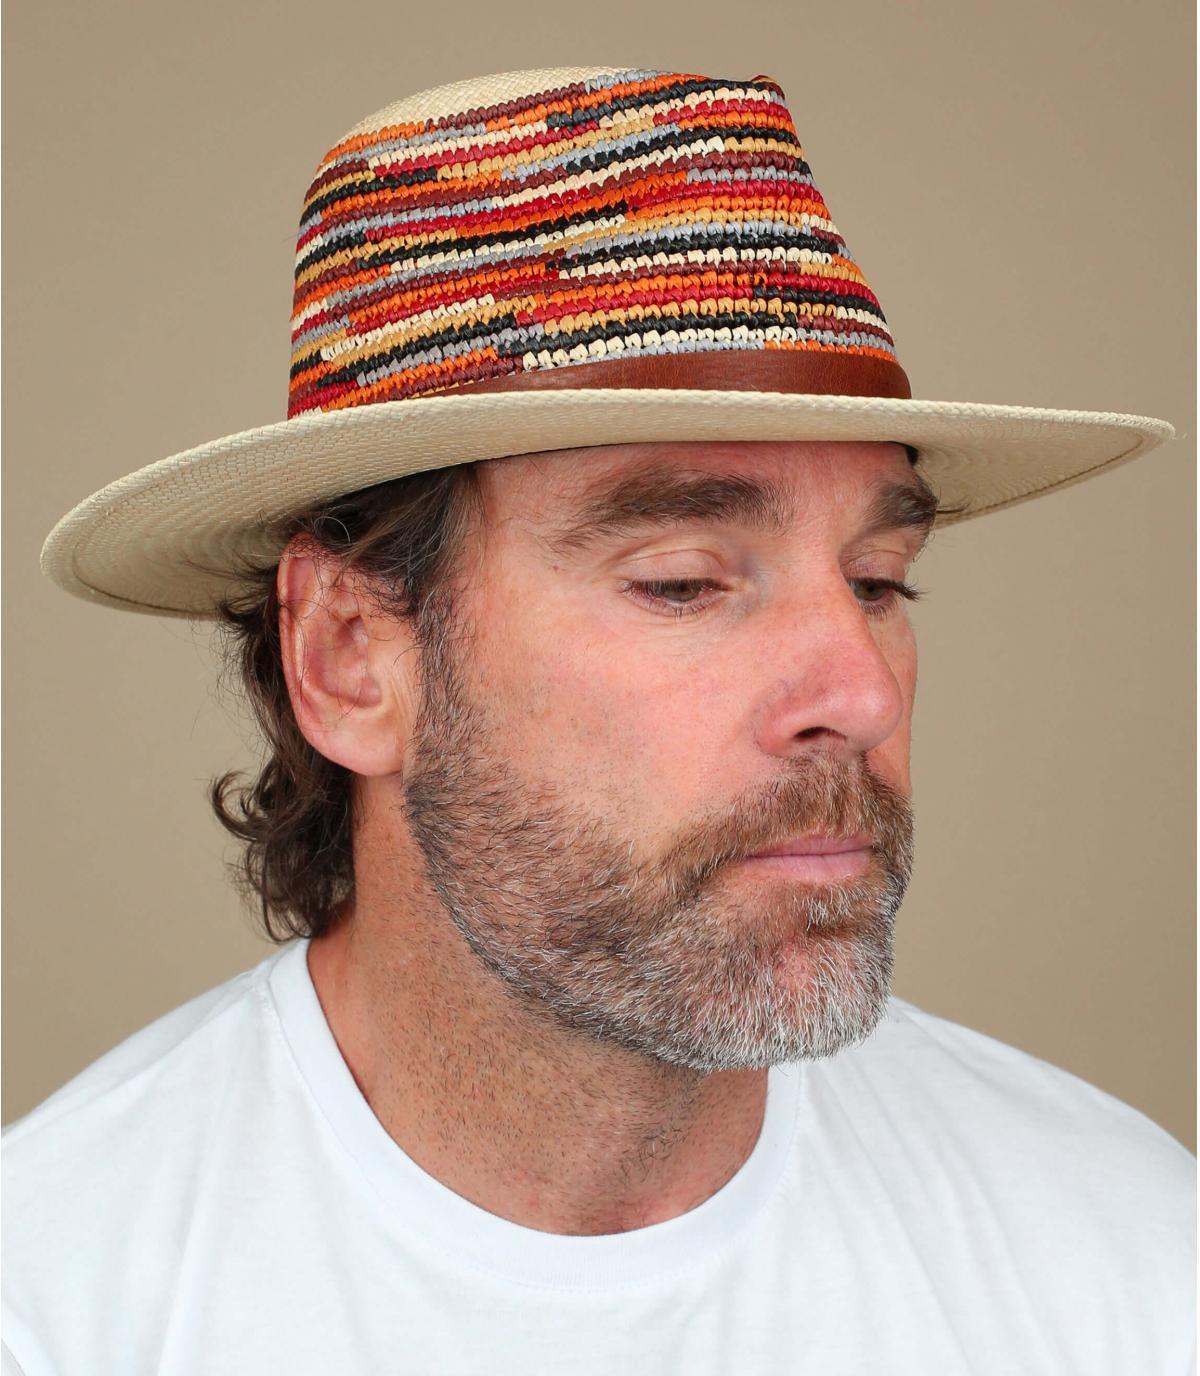 cappello di paglia multicolore Bailey